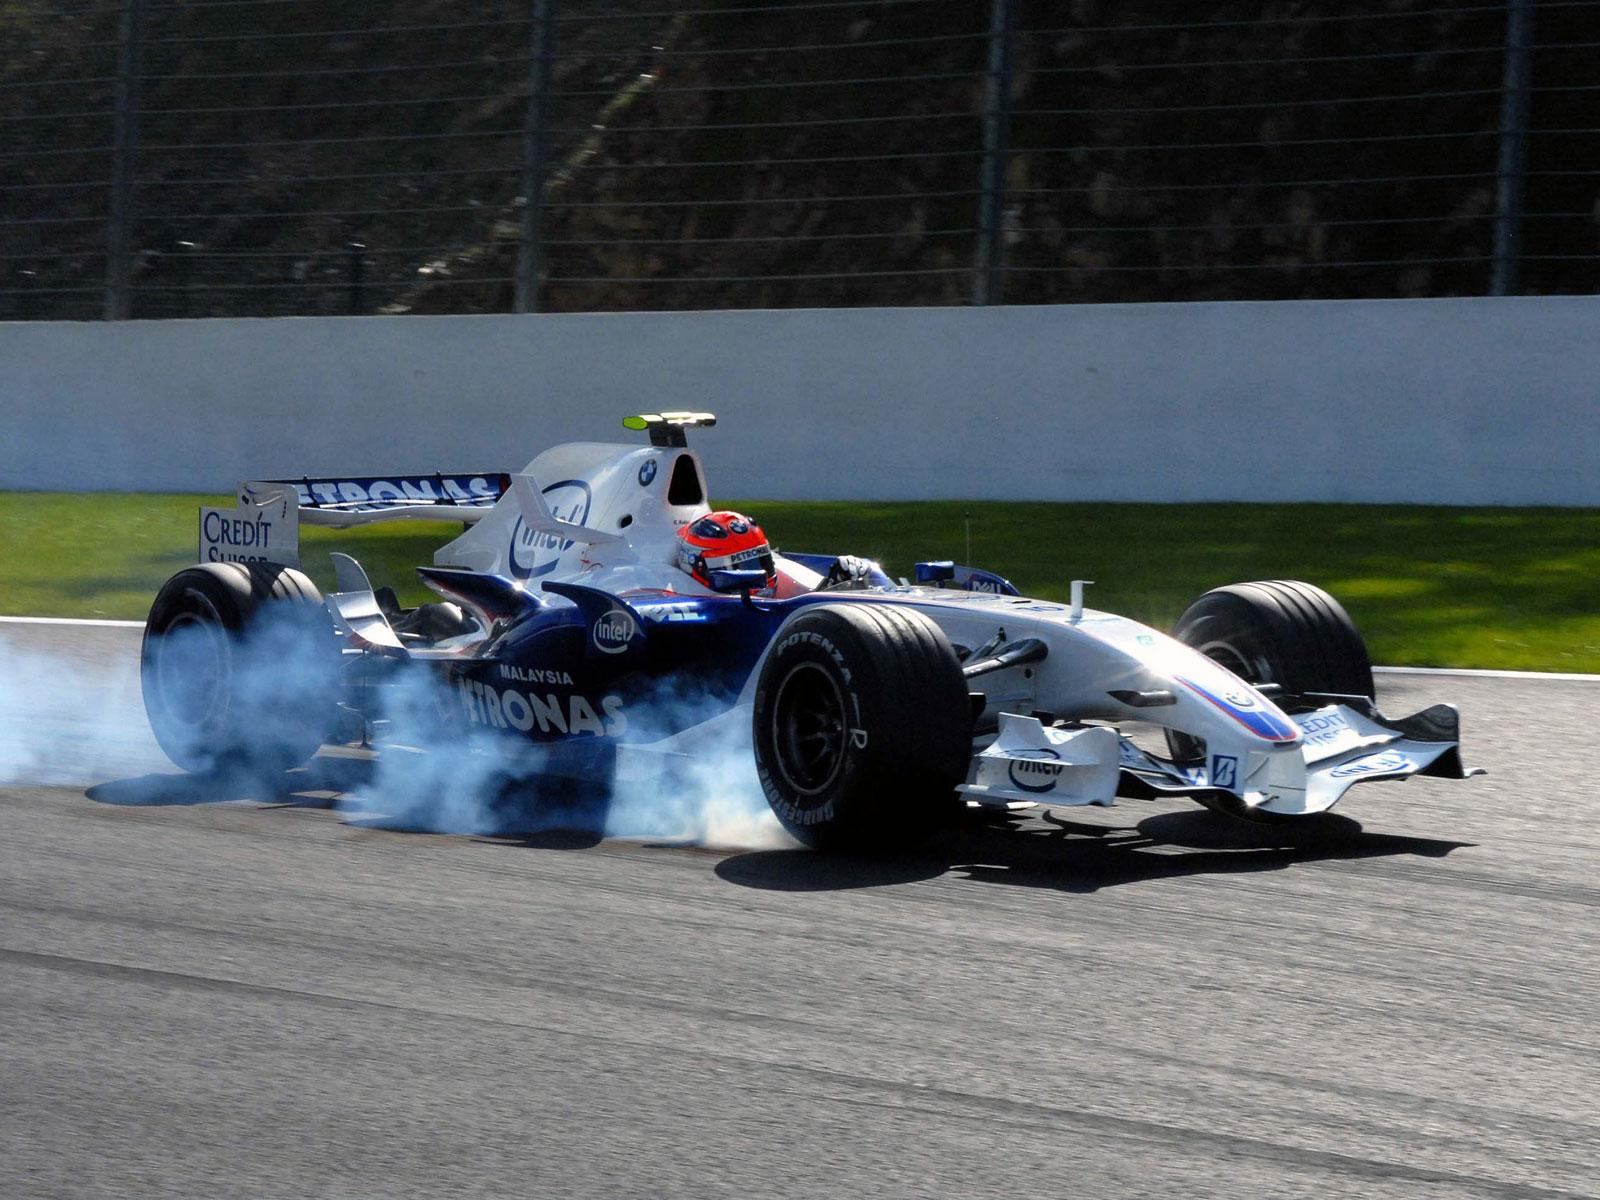 Robert Kubica driving the BMW Sauber F1.07 in Belgium (2012)